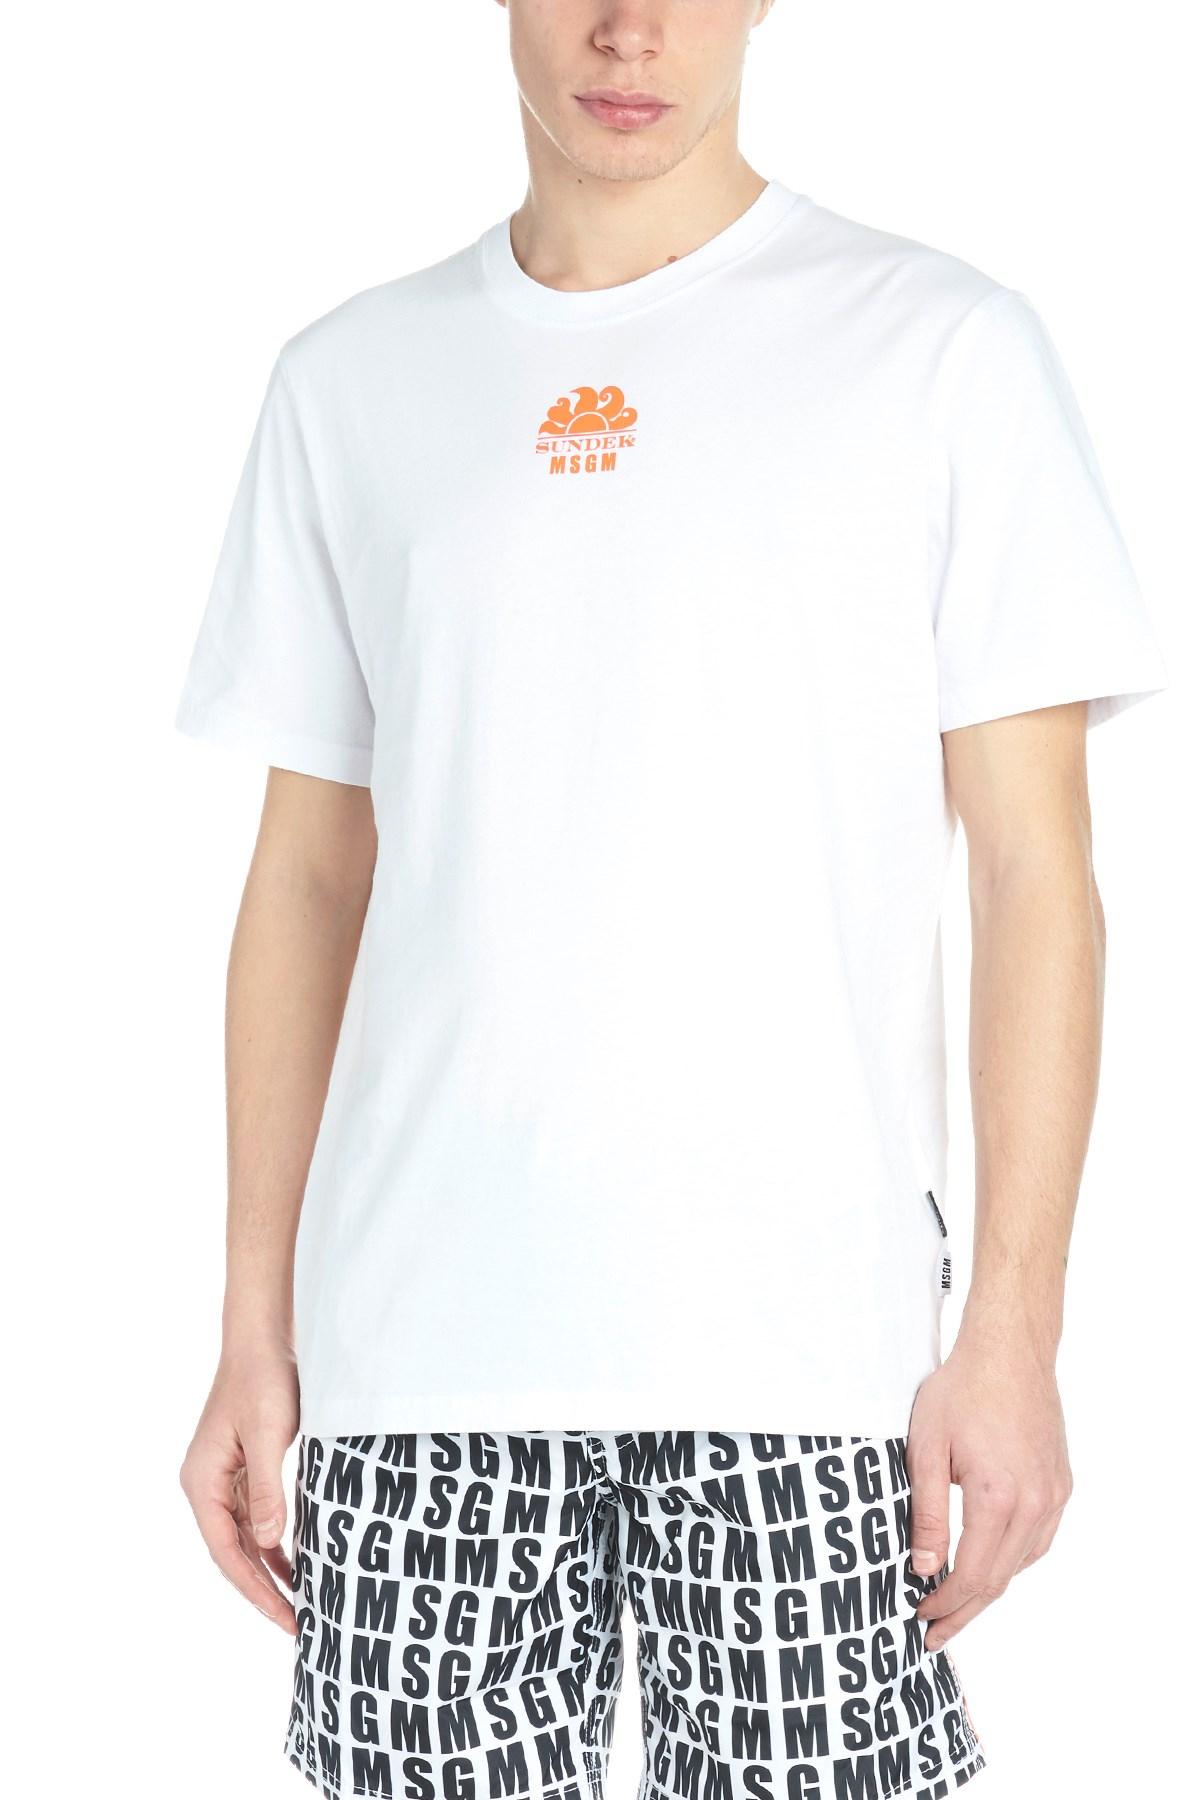 msgm T-shirt  Msgm x Sundek  su julian-fashion.com - 64120 77ae90e4208